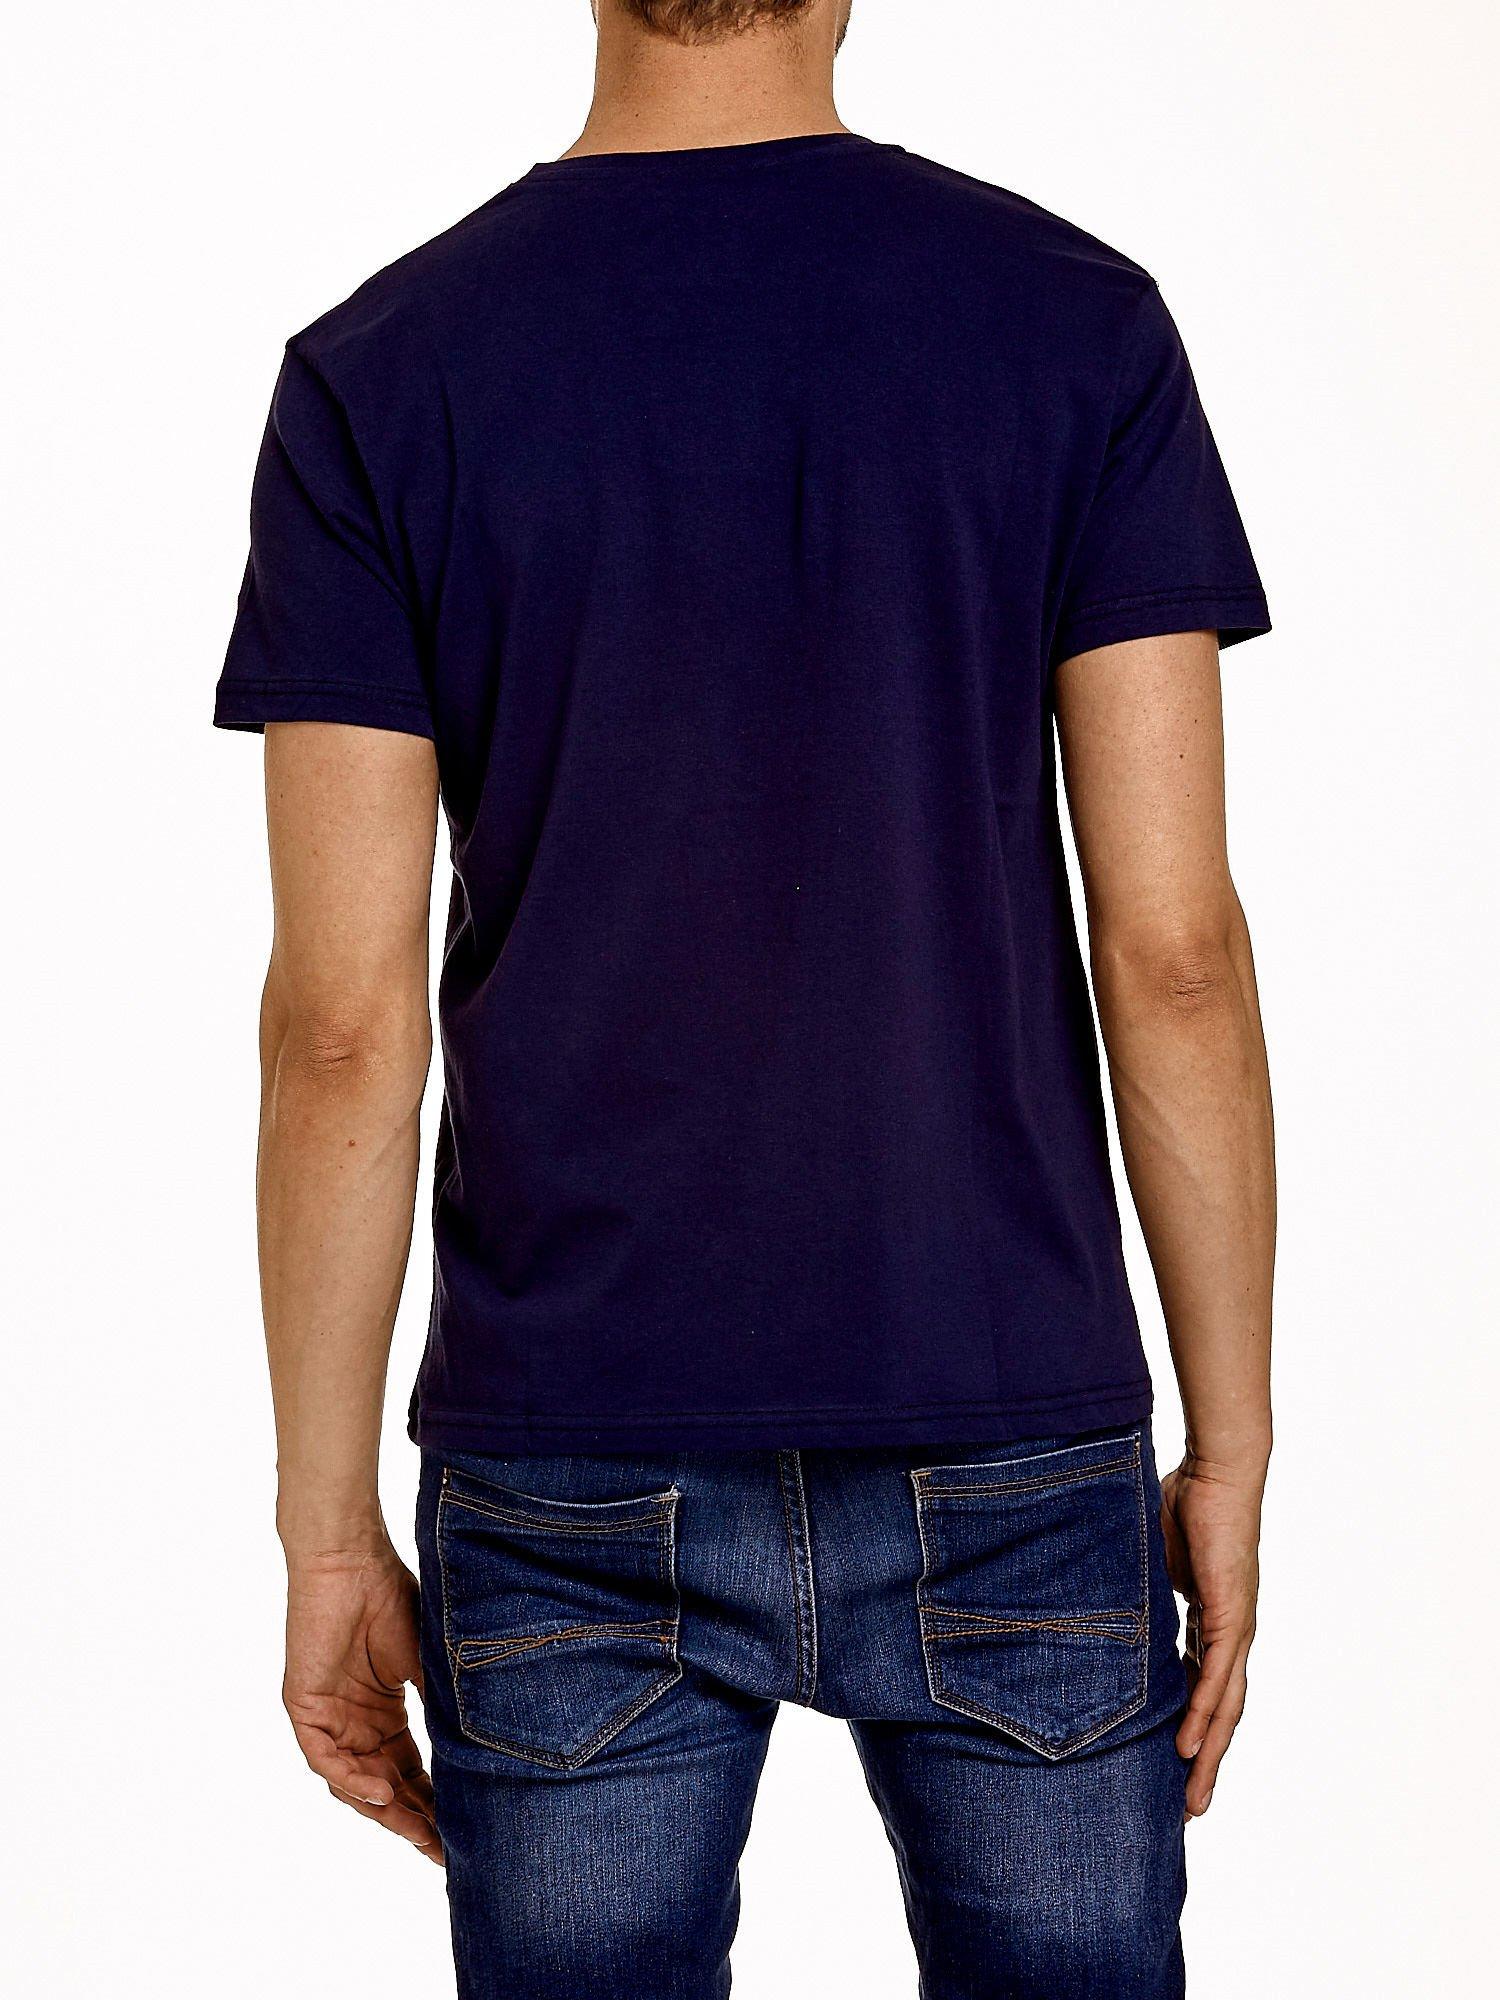 Granatowy t-shirt męski z napisami i liczbą 83                                  zdj.                                  5